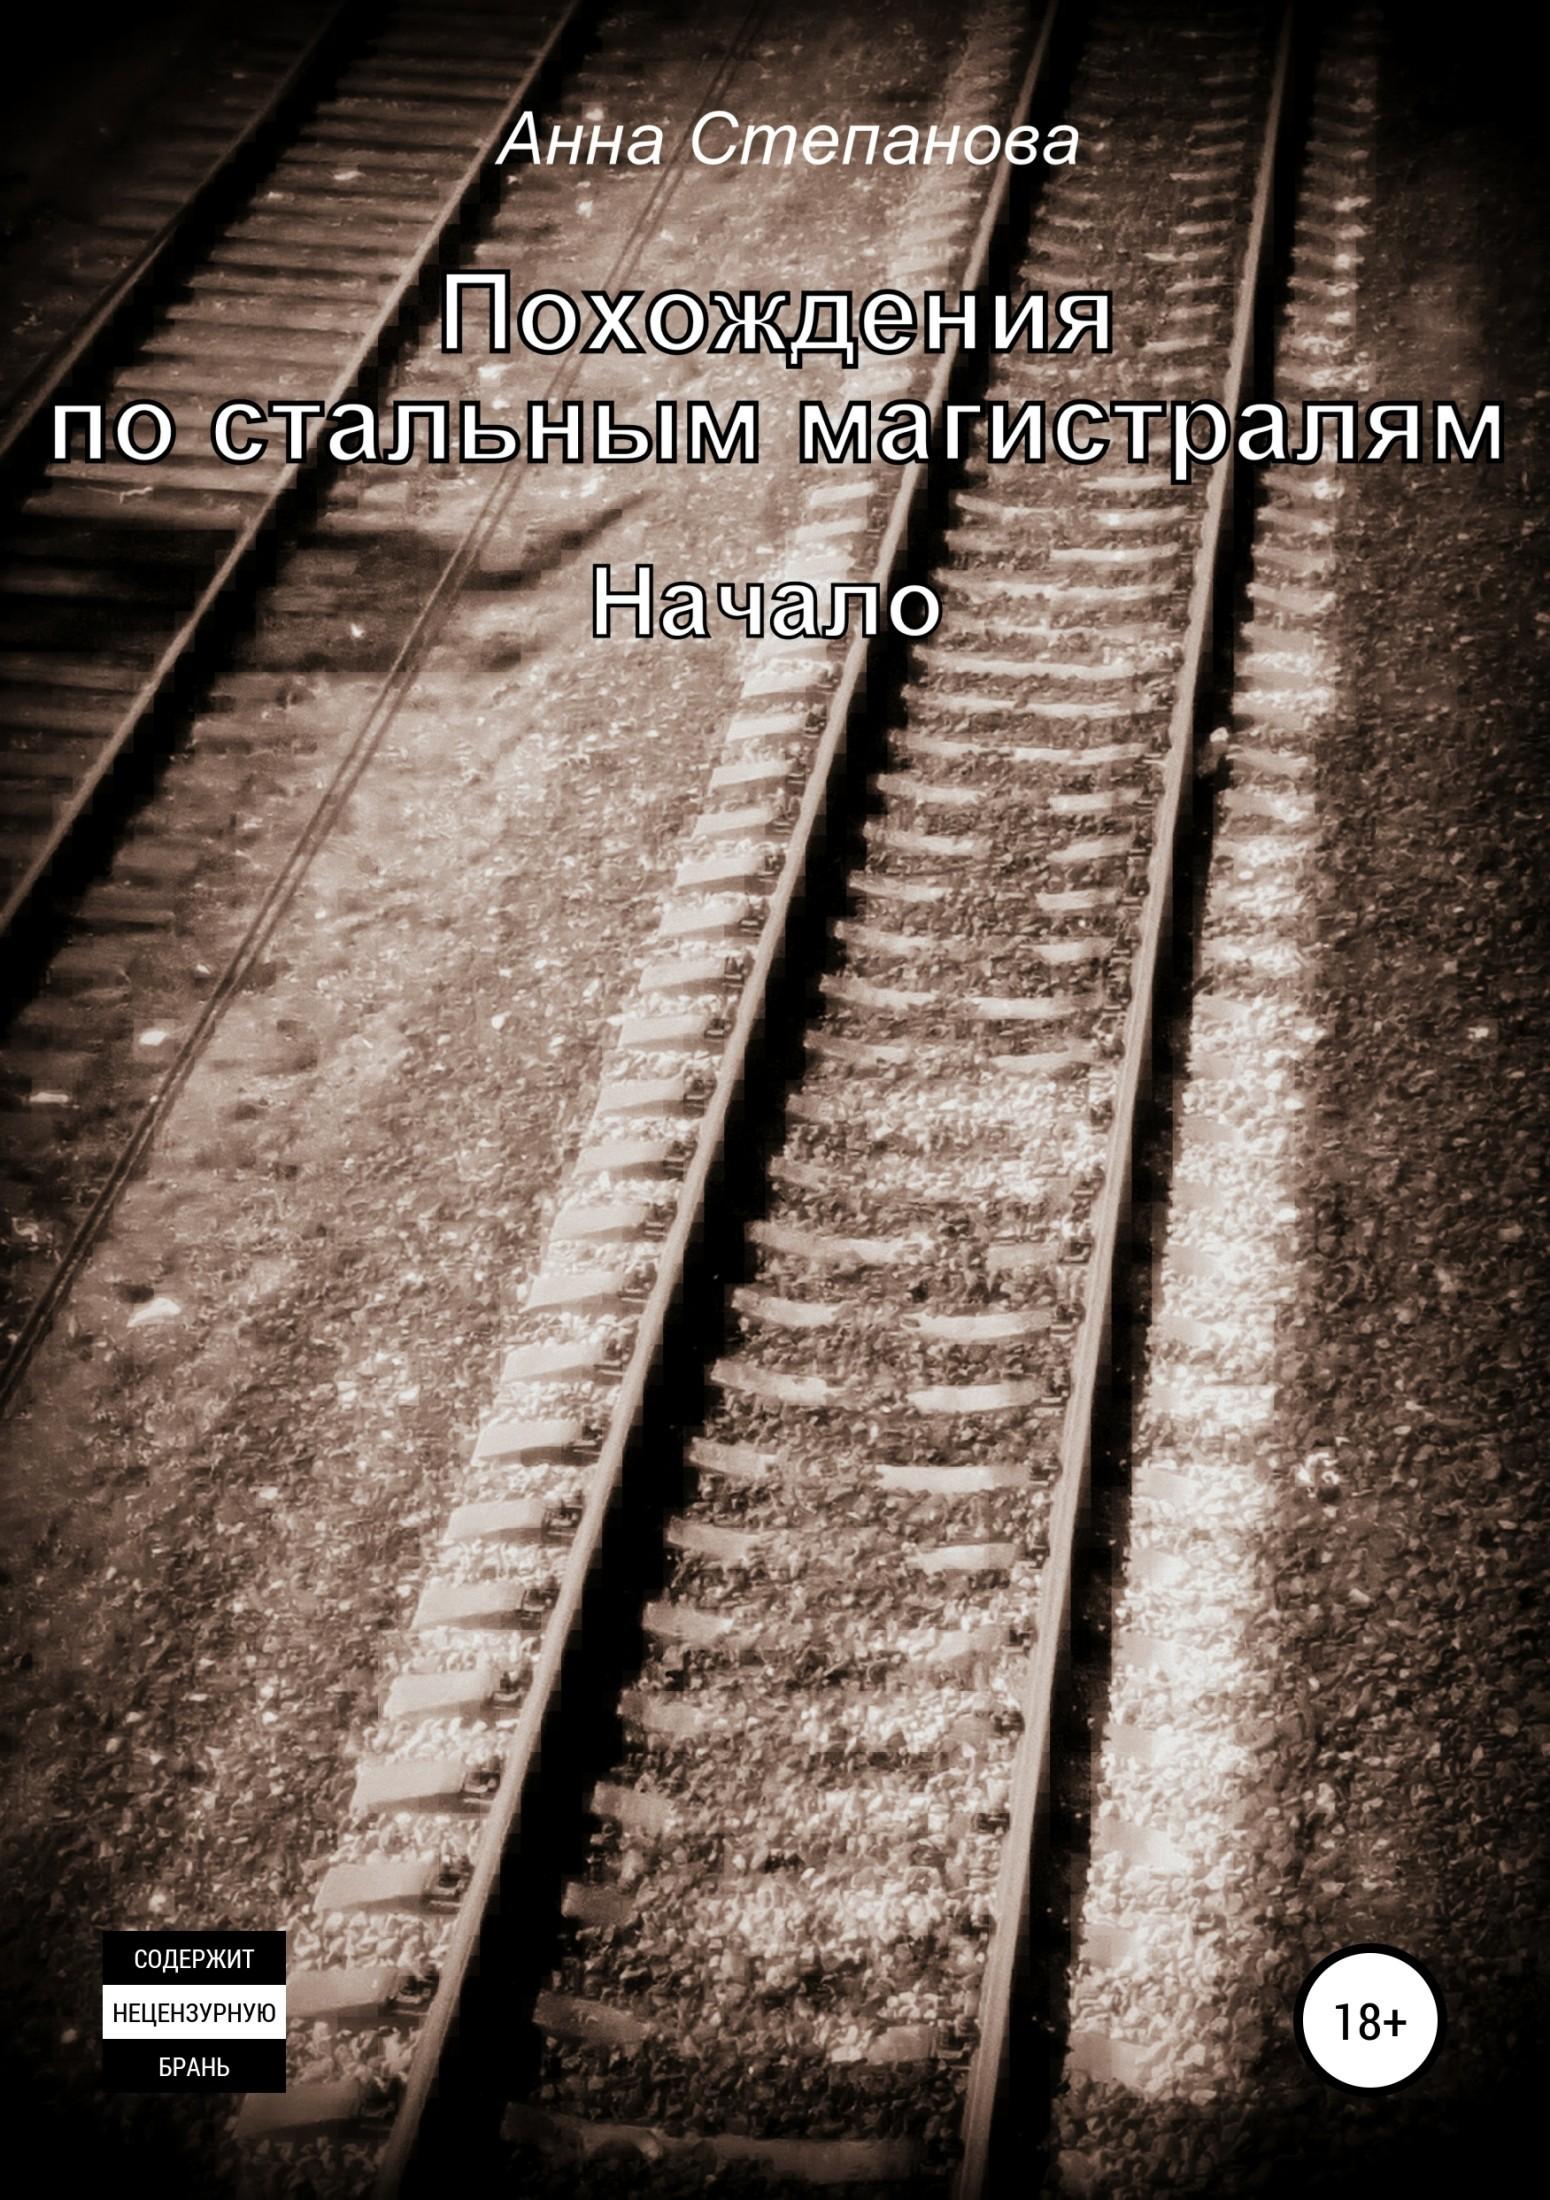 Анна Сергеевна Степанова Похождения по стальным магистралям анна анакина похождения ужика